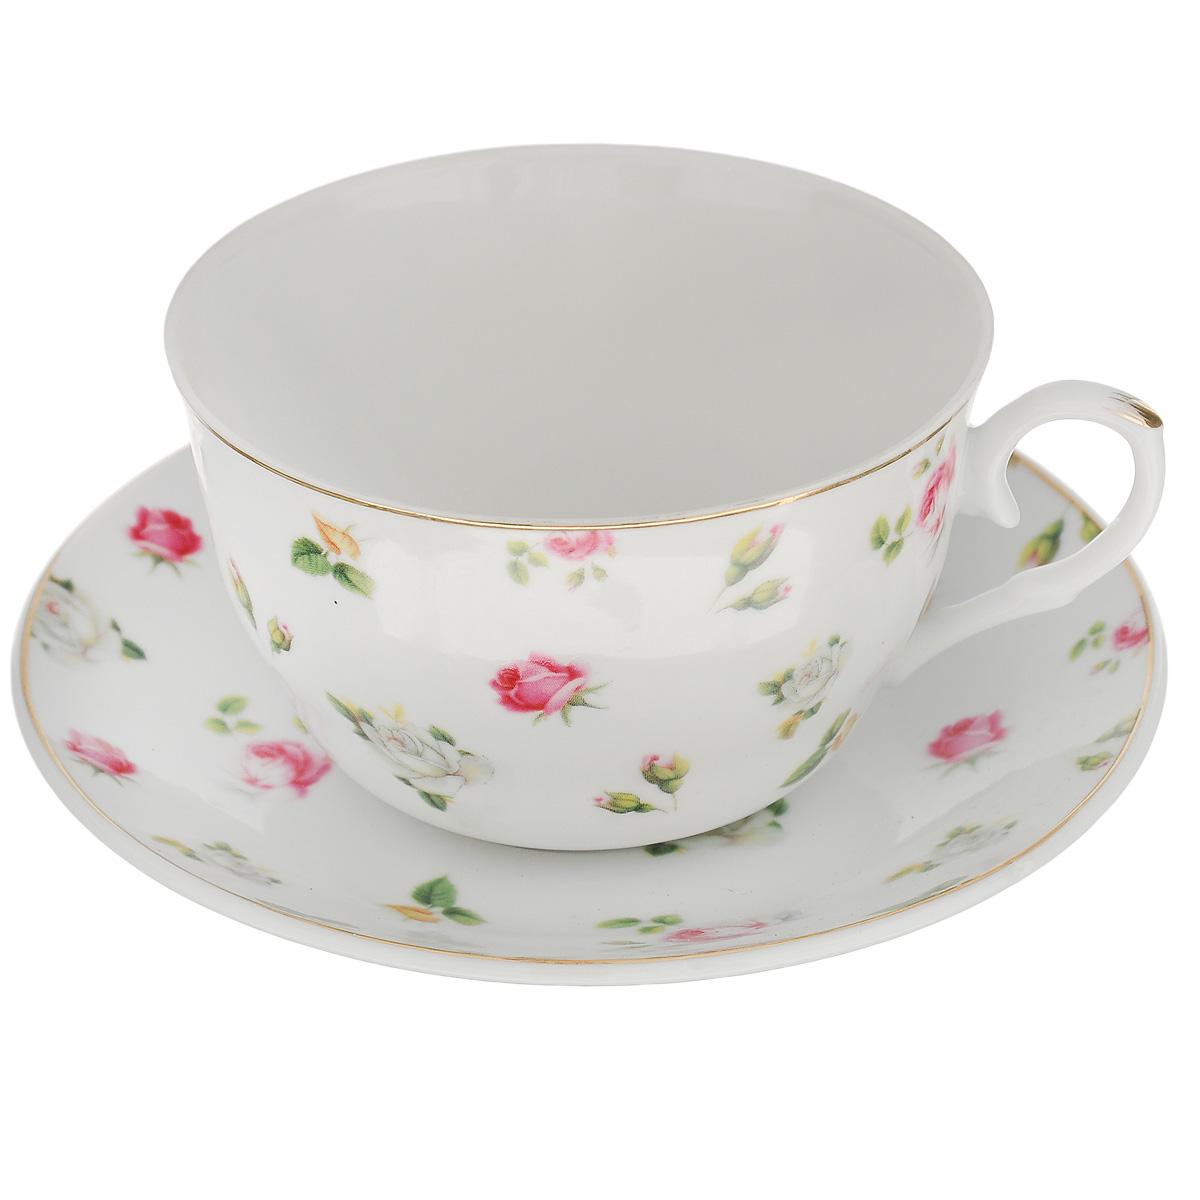 Набор чайный Briswild Валери, 2 предметаVT-1520(SR)Чайный набор Briswild Валери, выполненный из высококачественного фарфора, состоит из чашки и блюдца. Изделия декорированы золотой каймой и изображением цветов. Элегантный дизайн и совершенные формы предметов набора привлекут к себе внимание и украсят интерьер вашей кухни. Чайный набор Briswild Валери идеально подойдет для сервировки стола и станет отличным подарком к любому празднику.Чайный набор упакован в подарочную коробку. Не использовать в микроволновой печи. Не применять абразивные чистящие вещества. Объем чашки: 250 мл. Диаметр по верхнему кругу: 9,5 см.Высота стенки: 5 см. Диаметр блюдца: 14 см.